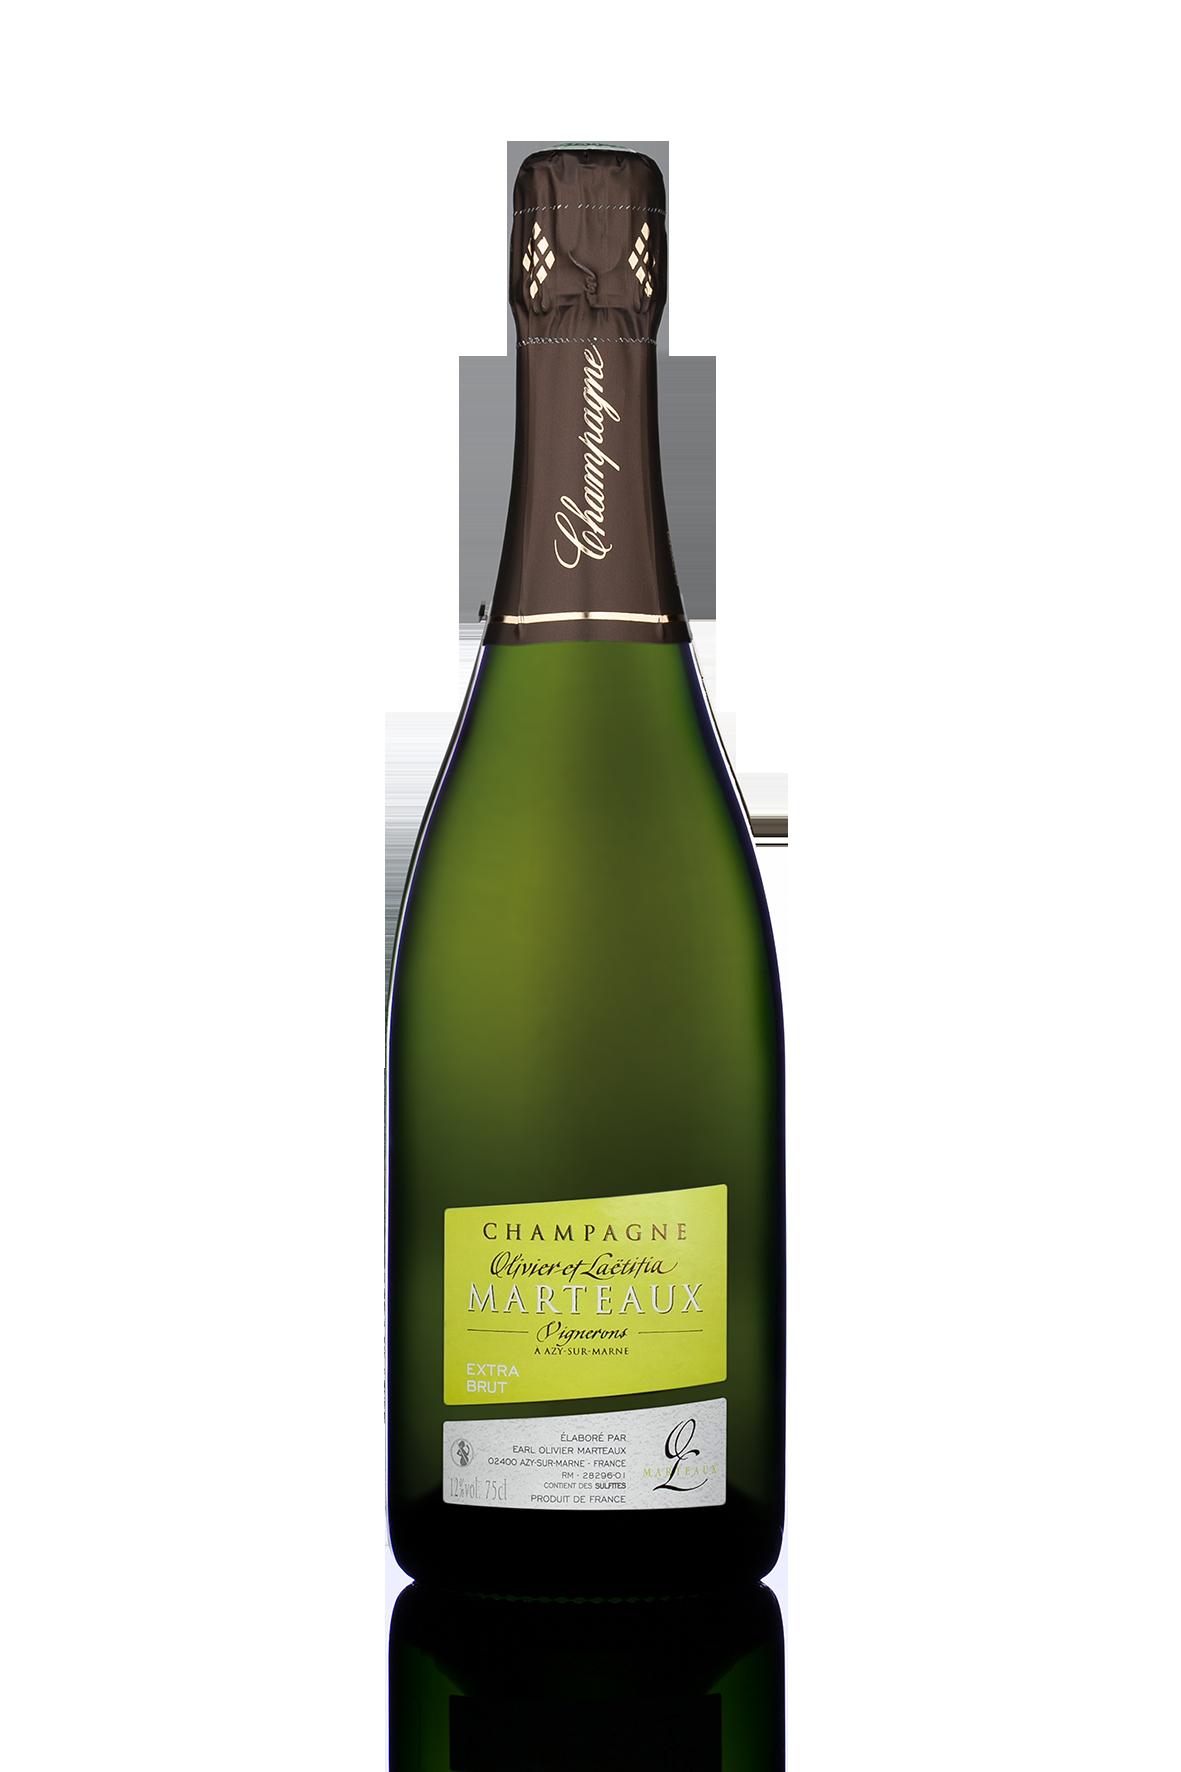 Champagne Extra Brut, Olivier et Laetitia Marteaux (75 cl)